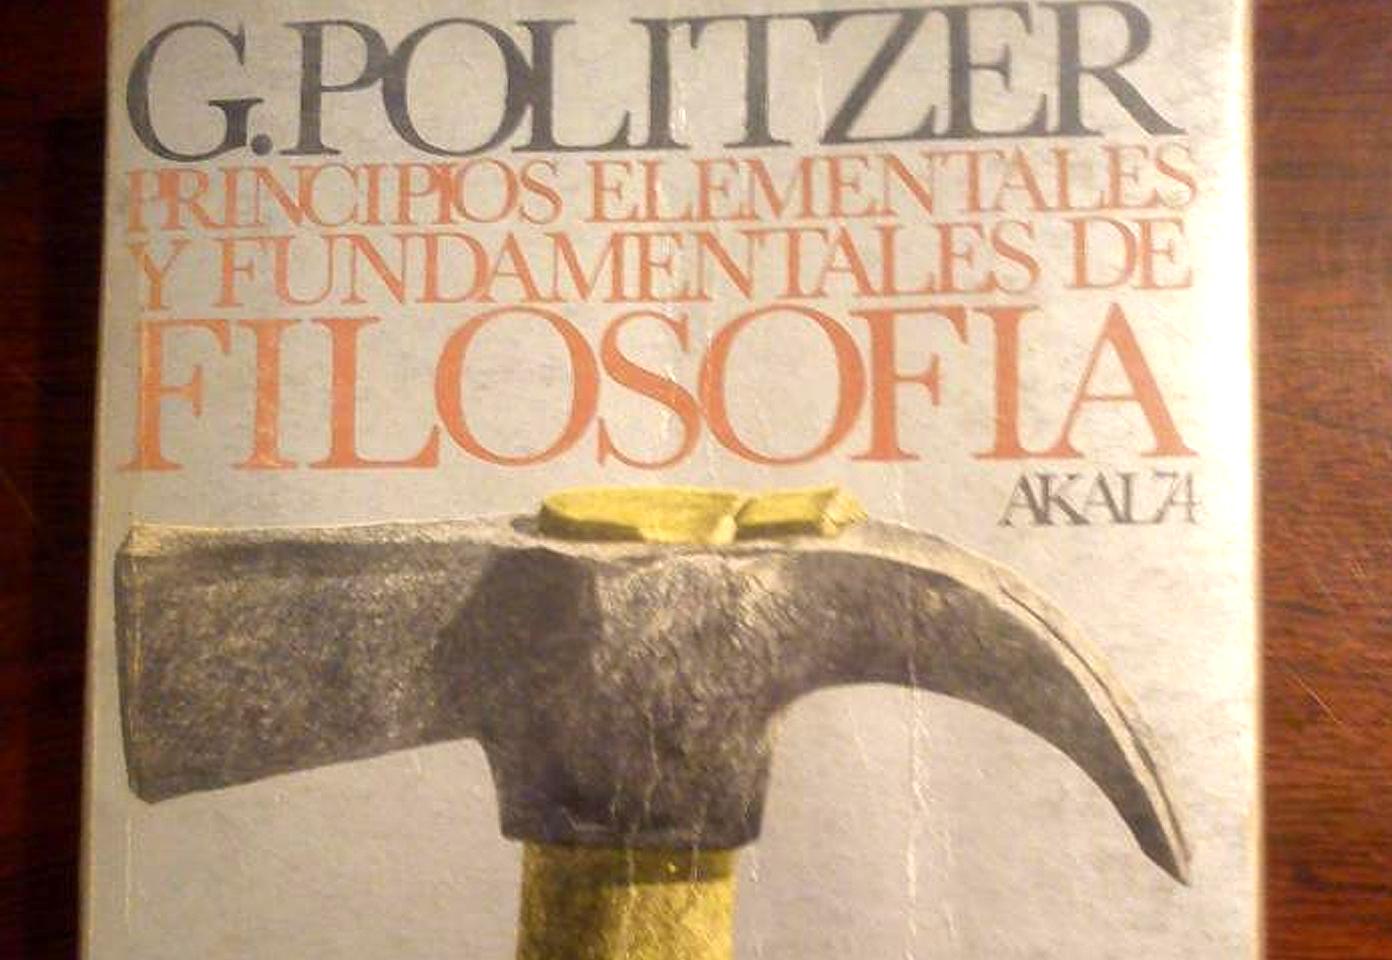 Georges Politzer Filosofia